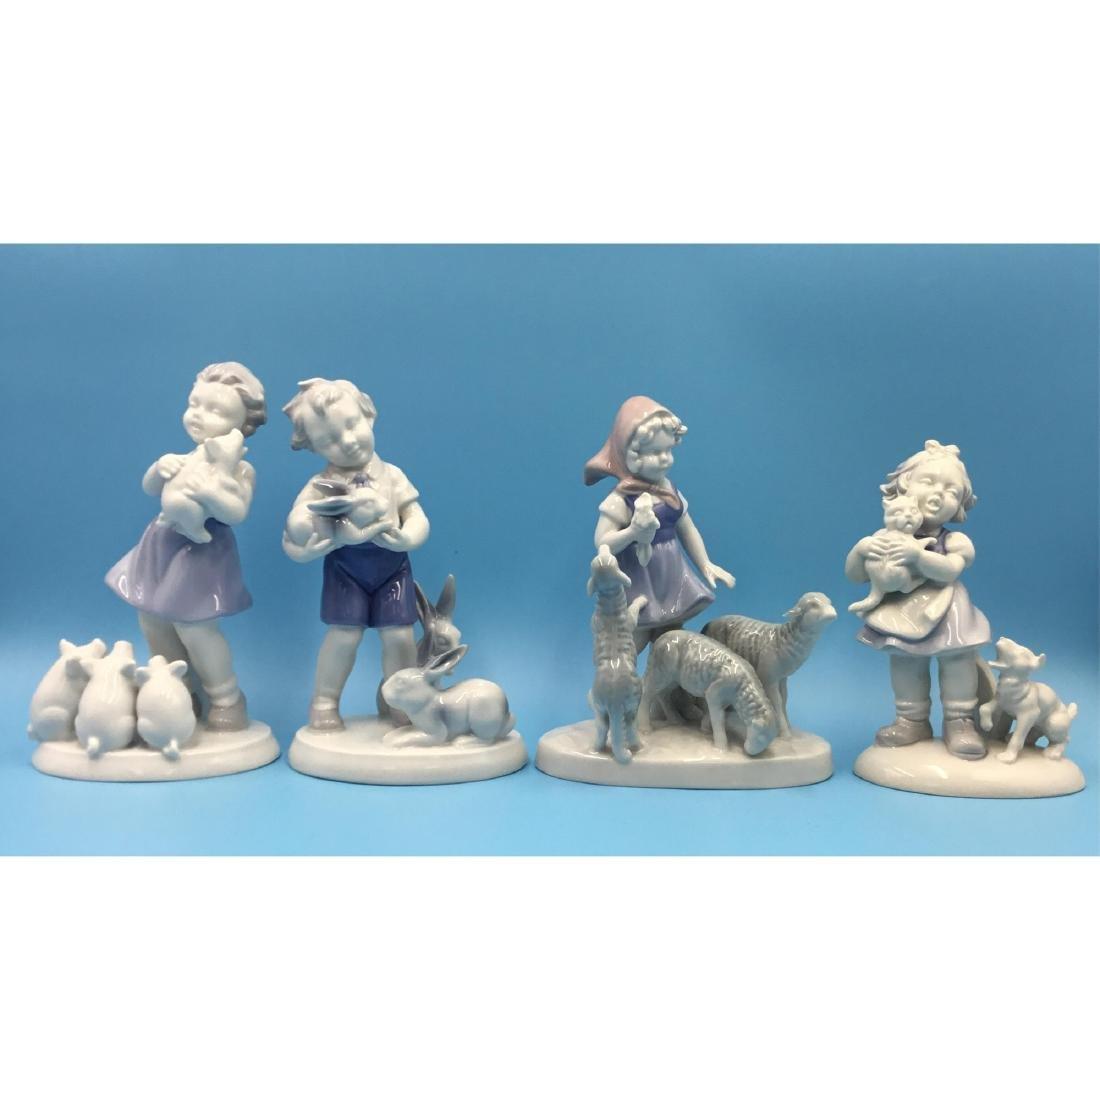 GROUP OF 4 GEROLD BAVARIA PORCELAIN FIGURINES